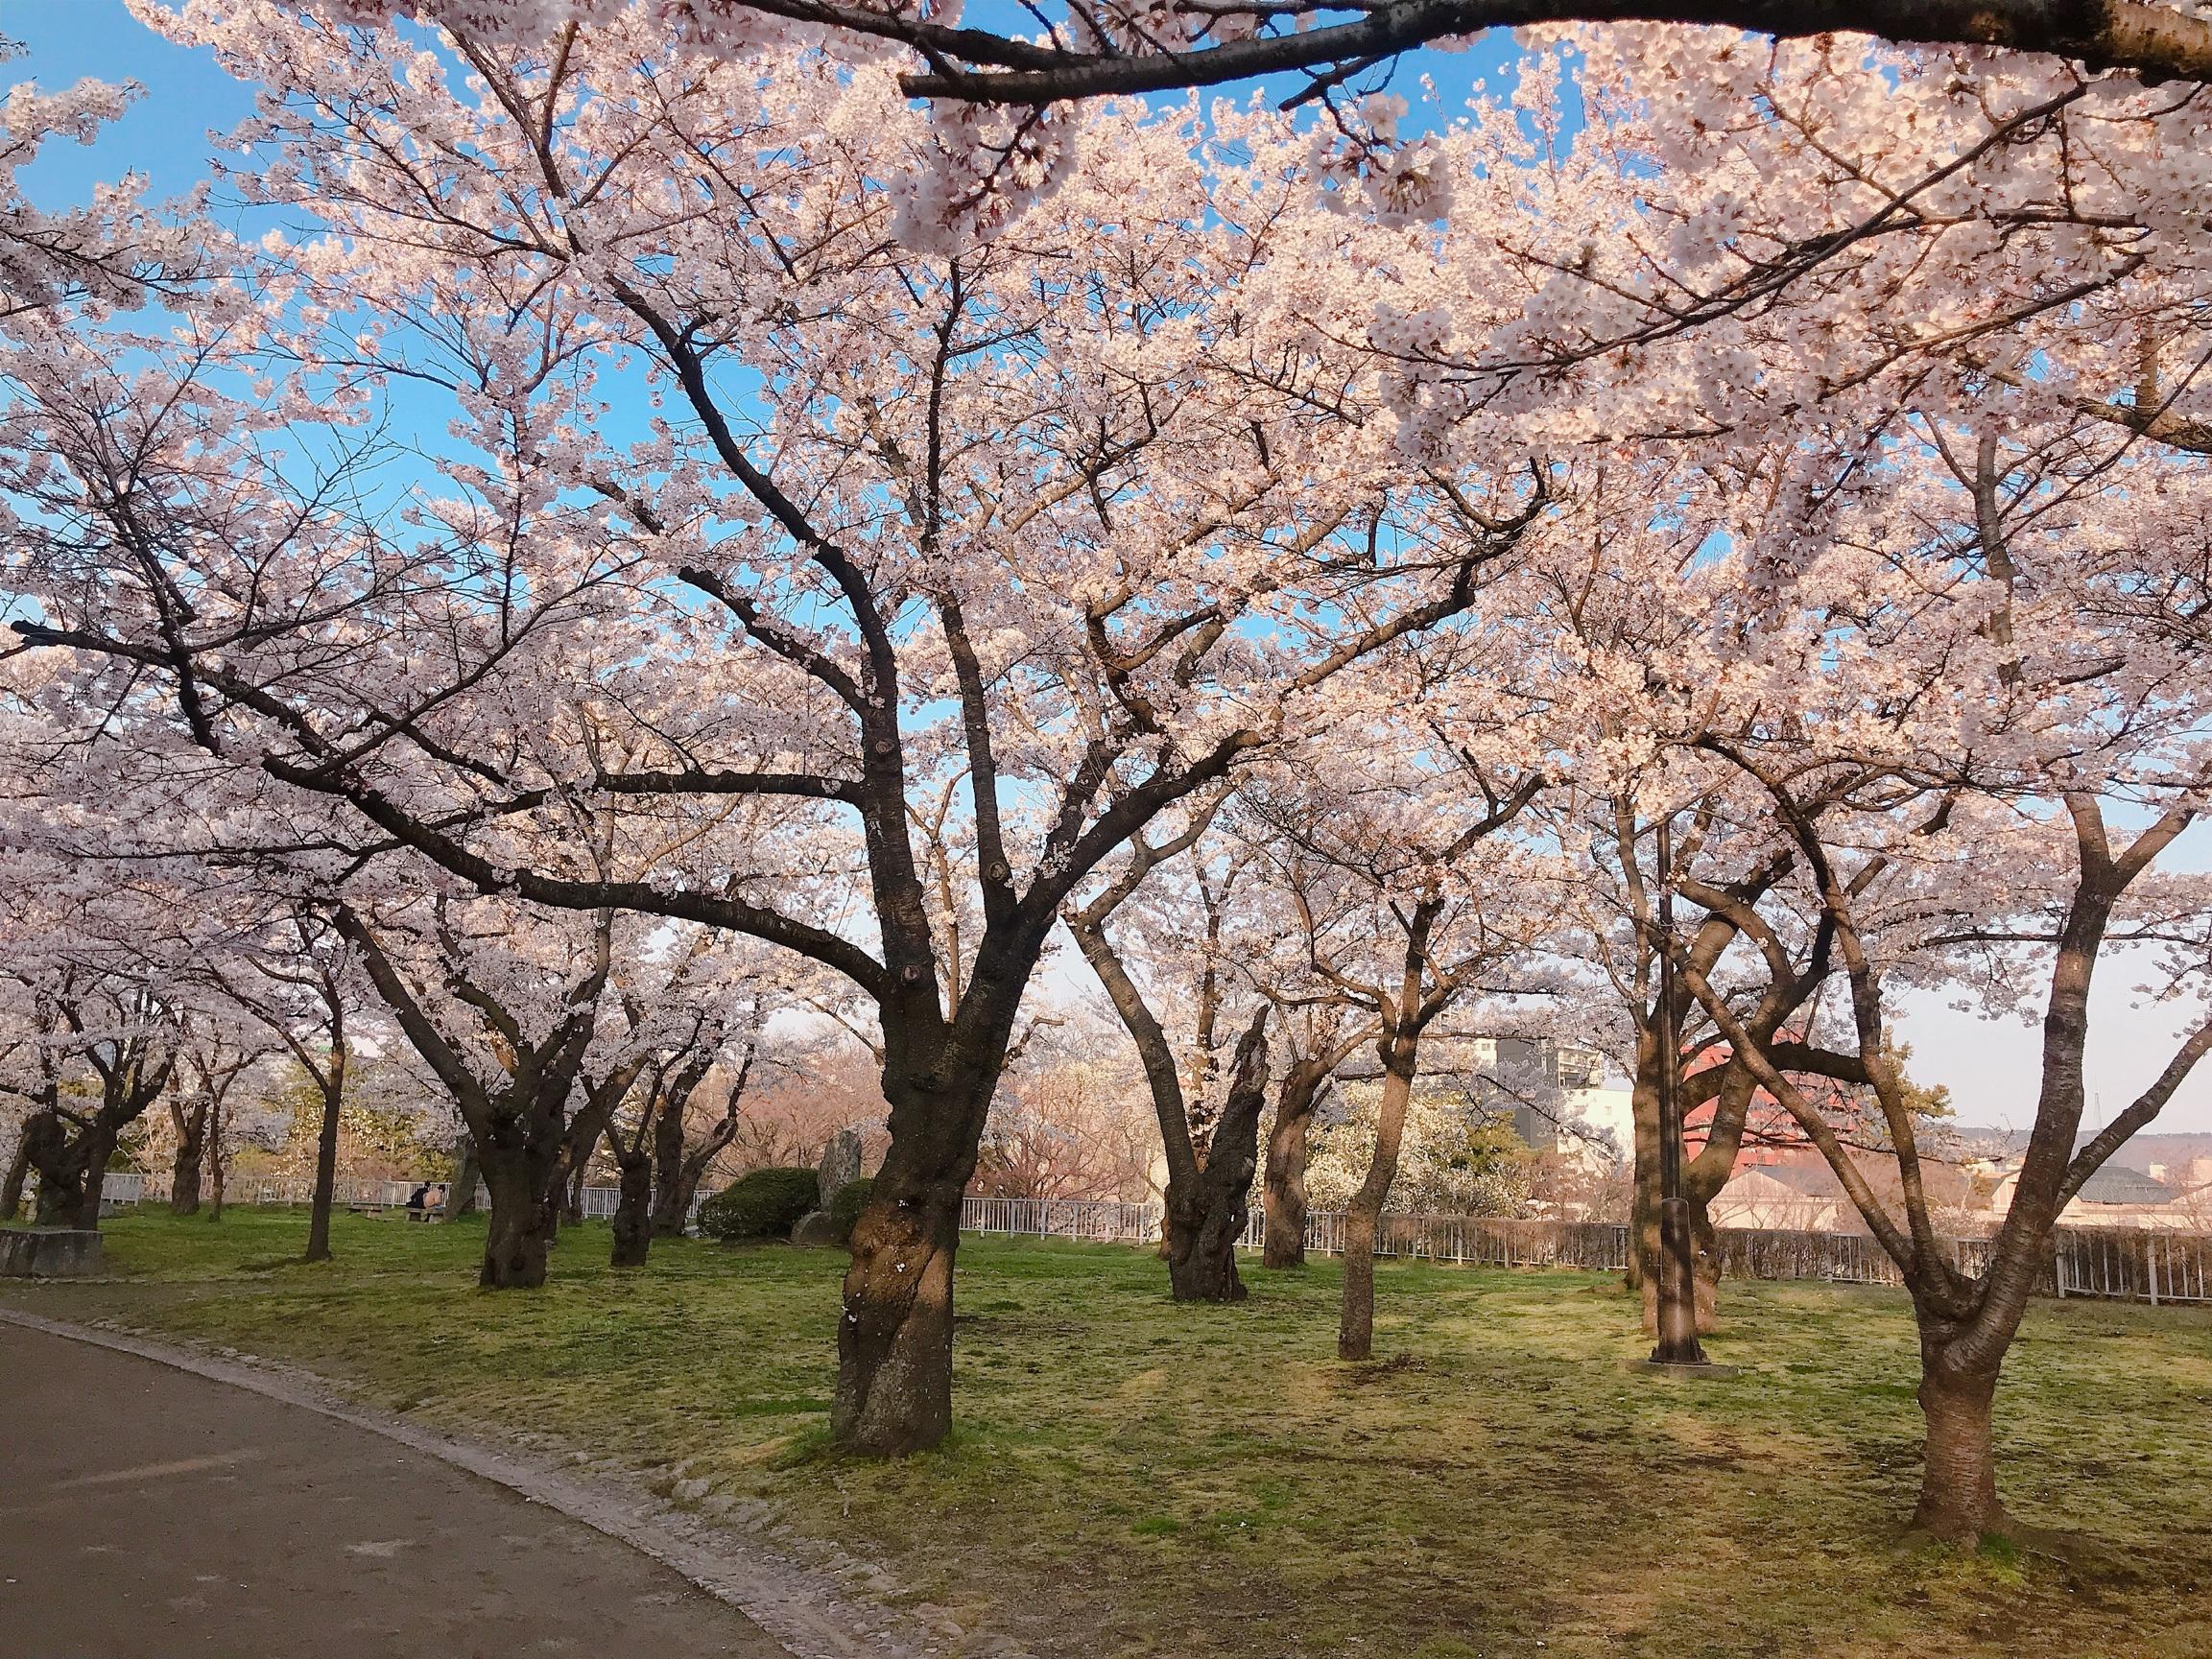 Choáng ngợp cảnh sắc hoa anh đào khoe sắc tuyệt đẹp như cổ tích ở Nhật Bản - 7